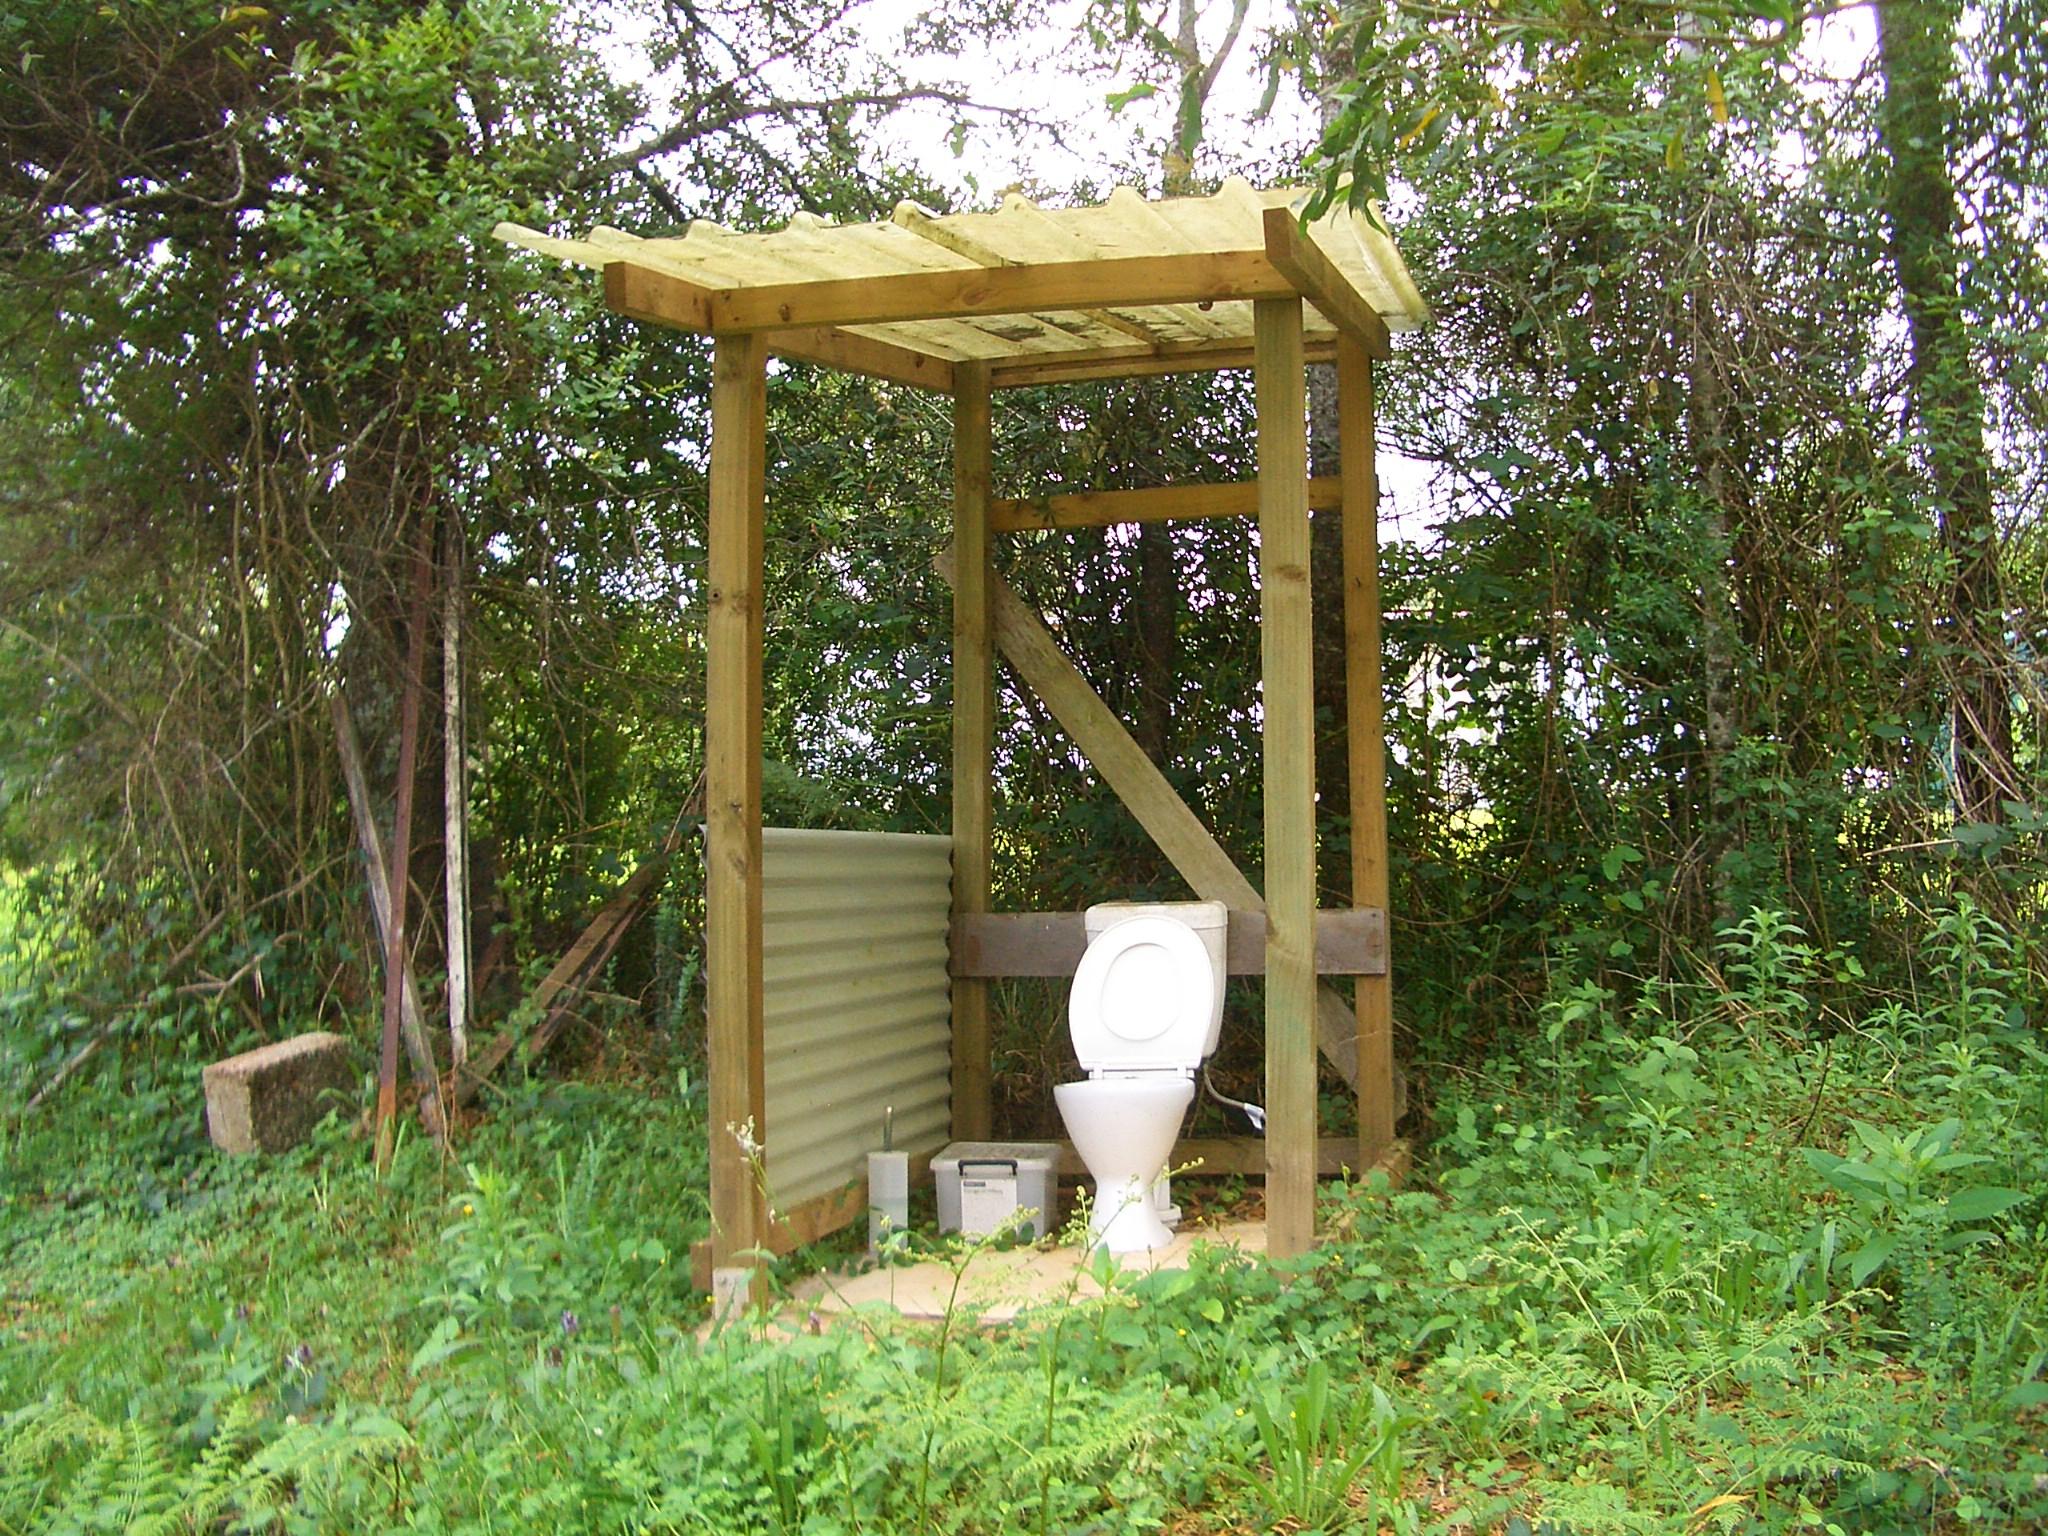 Штраф за дачный туалет